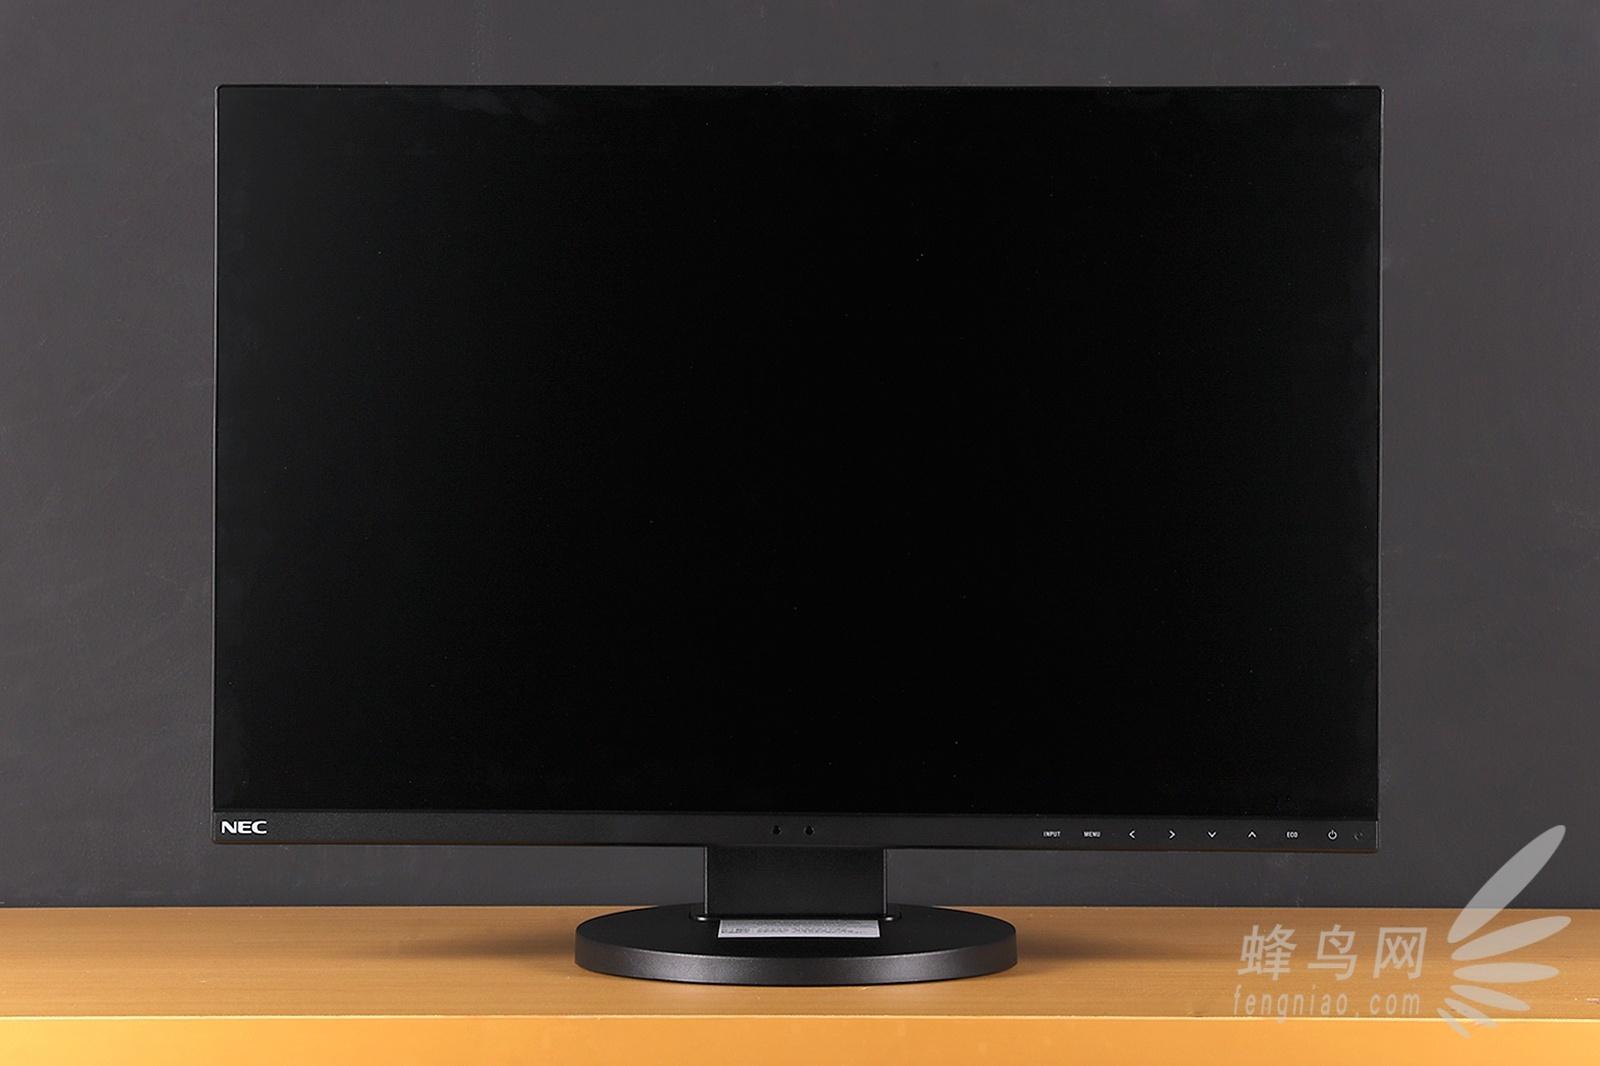 虽然其采用了24寸的屏幕,但由于这台显示器采用了超窄边框设计